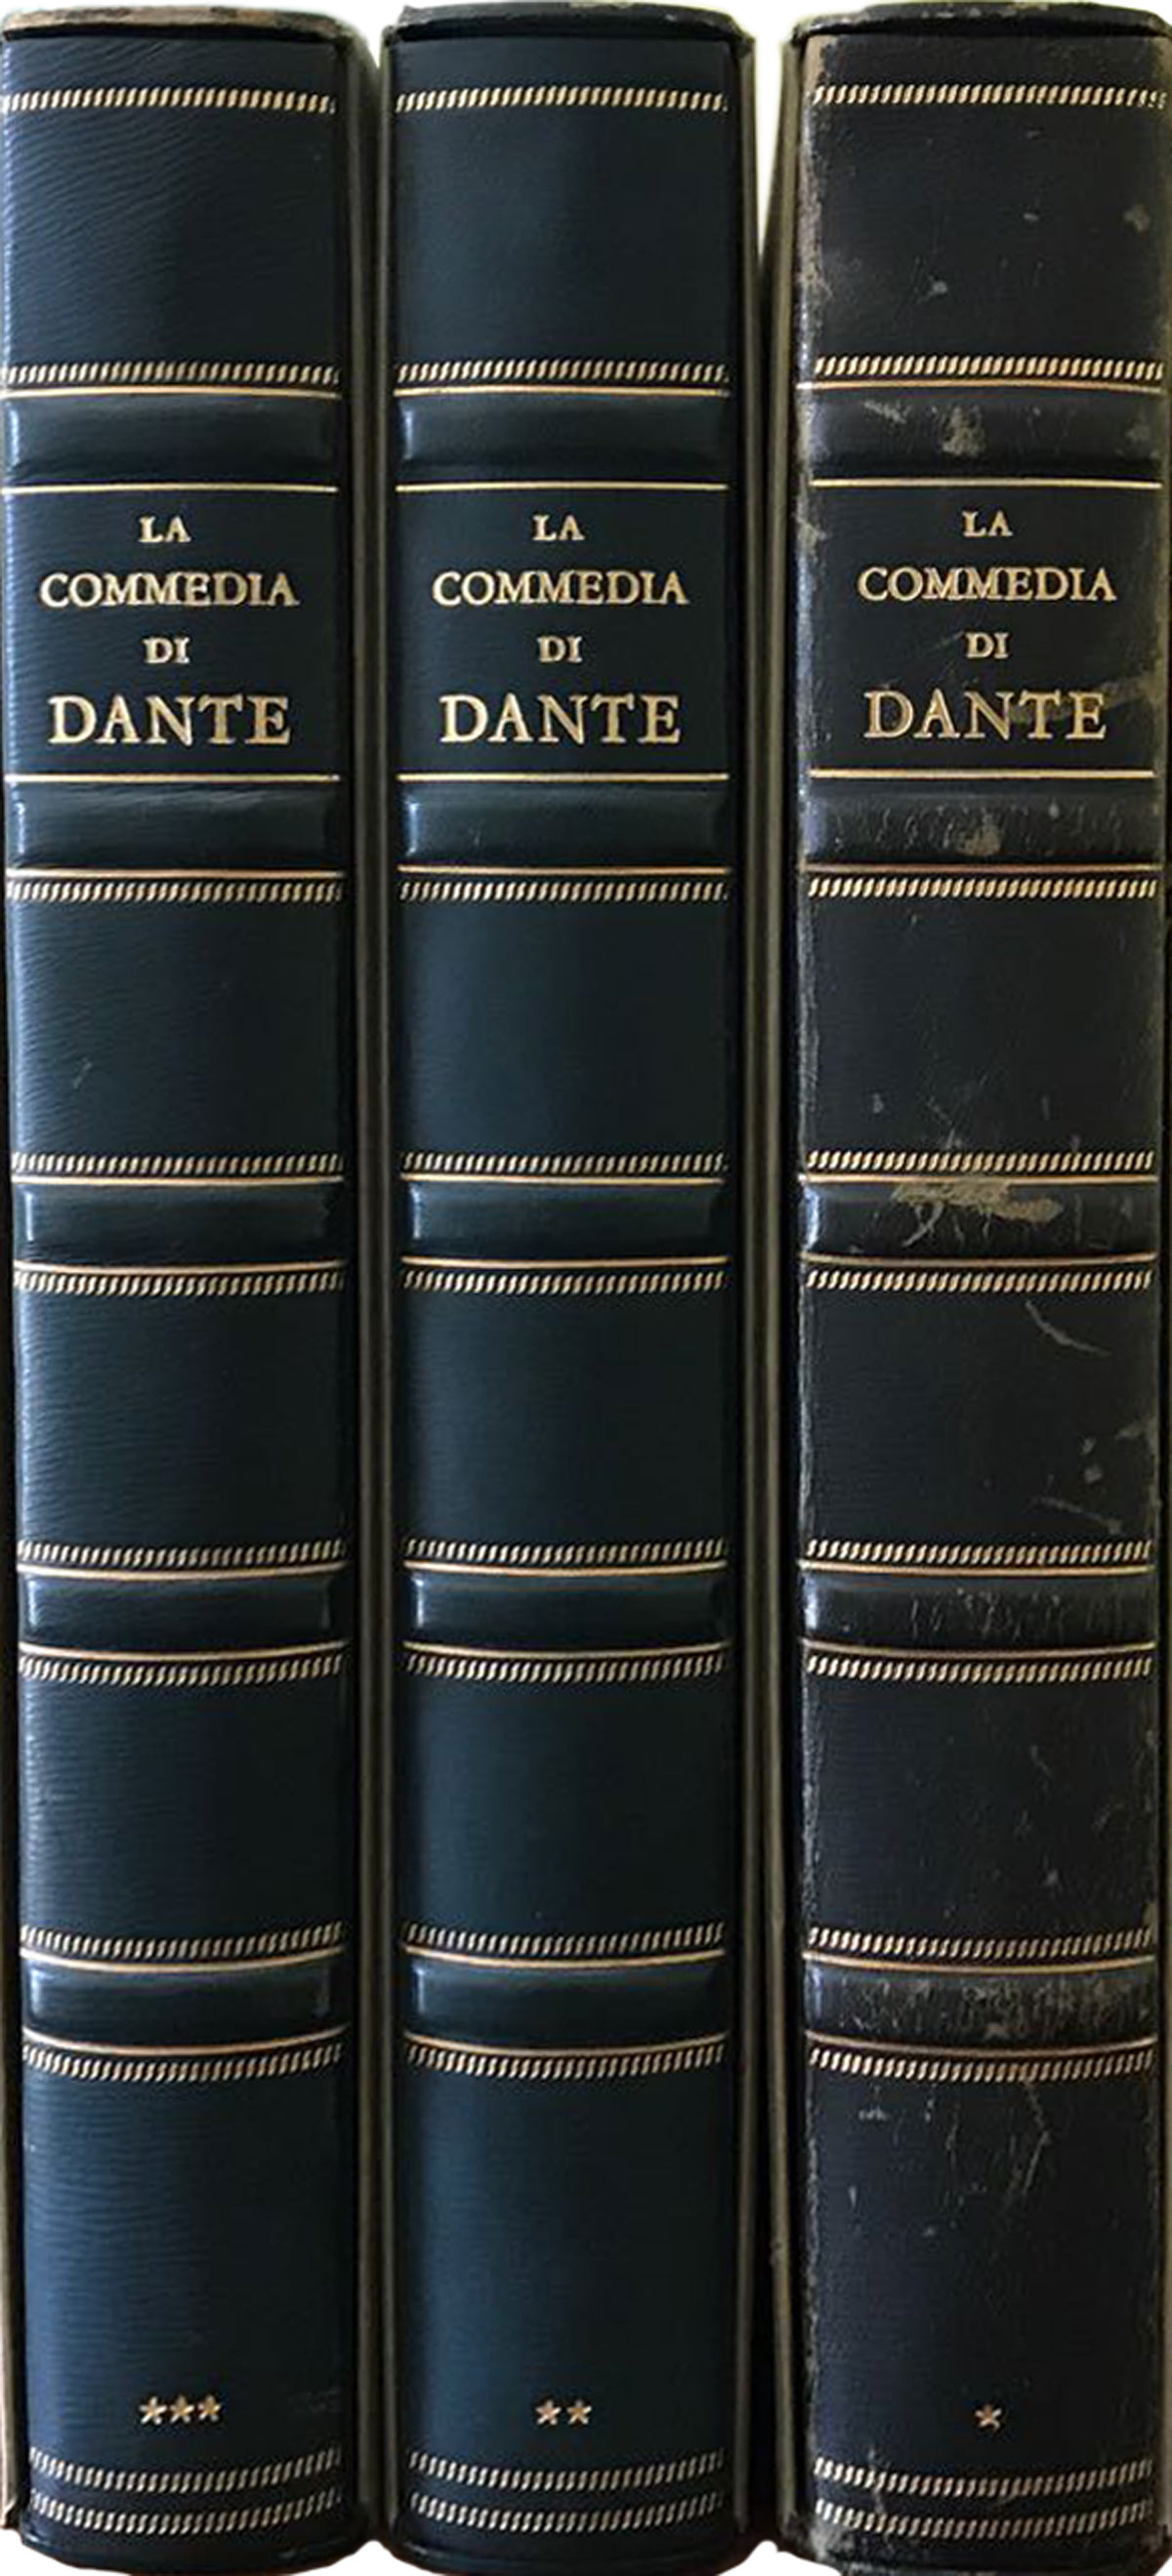 Divina Commedia – Aldo Martello Editore